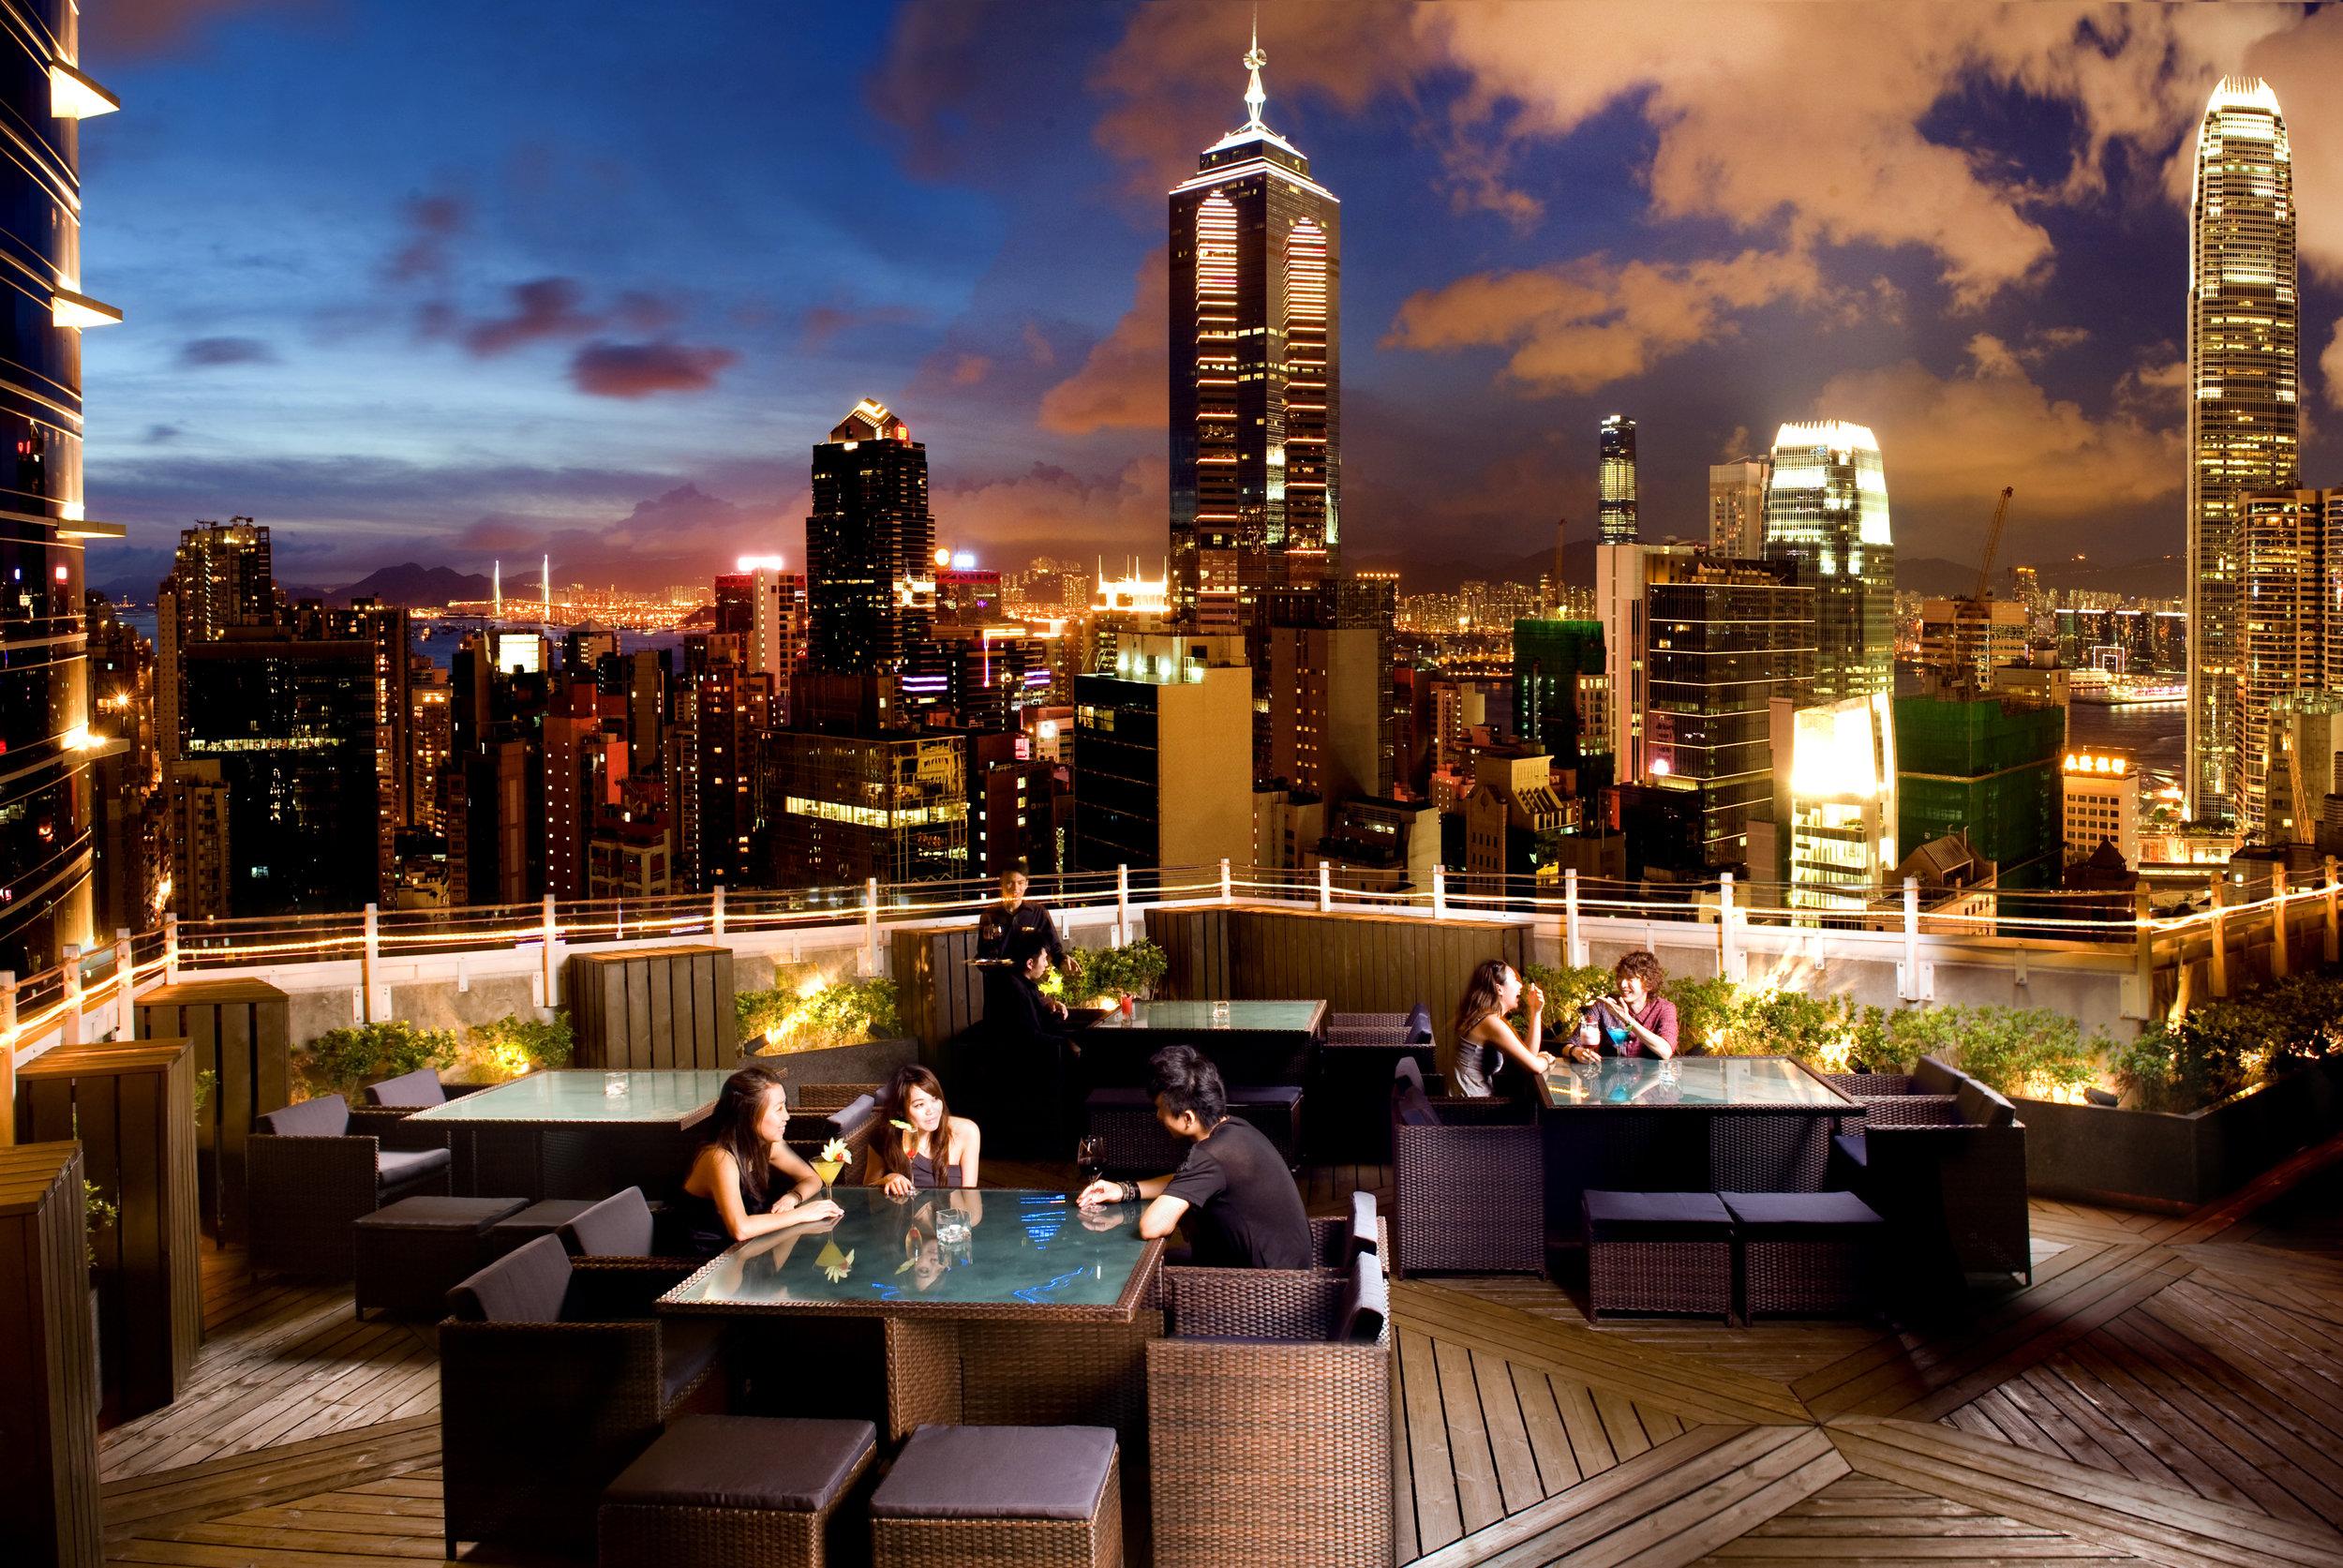 Hotel-LKF by Rhombus Azure-Restaurant-Rooftop-Hong Kong